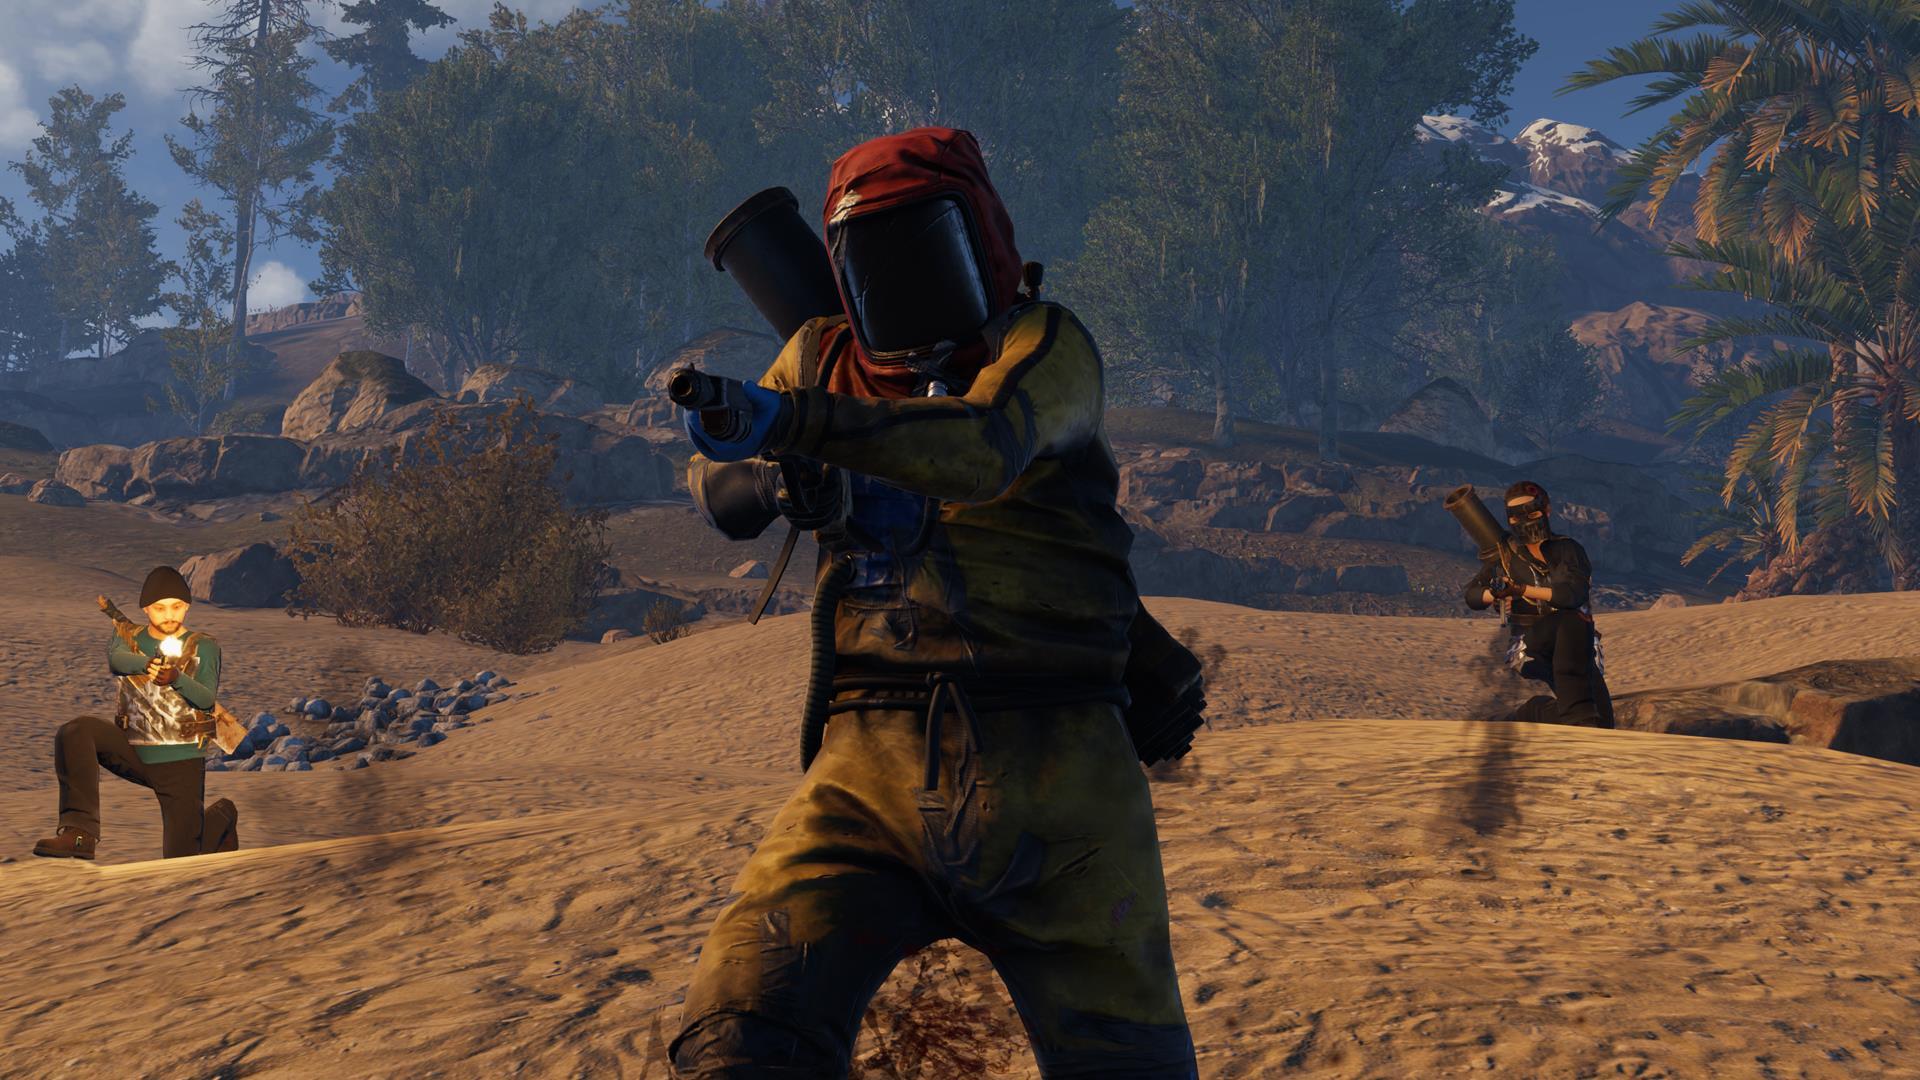 Brutal Survival Game Rust Set To Arrive On PlayStation 4